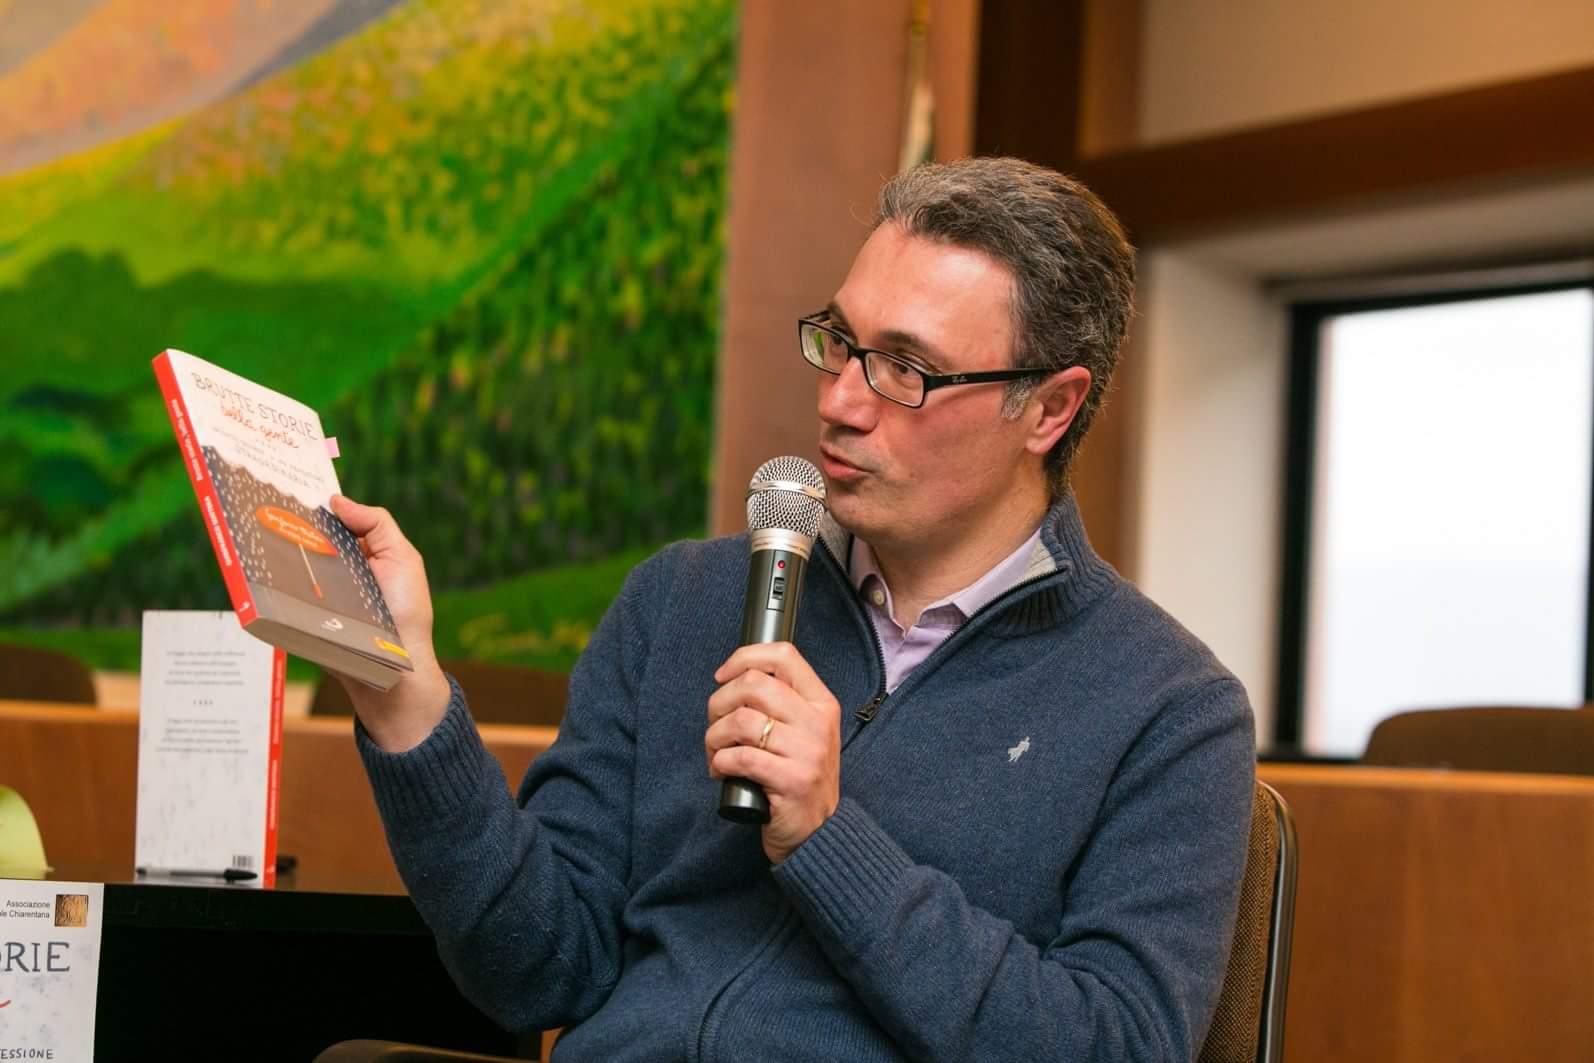 Gianfranco Mattera presenta il suo libro (fonte: Il Dispari)